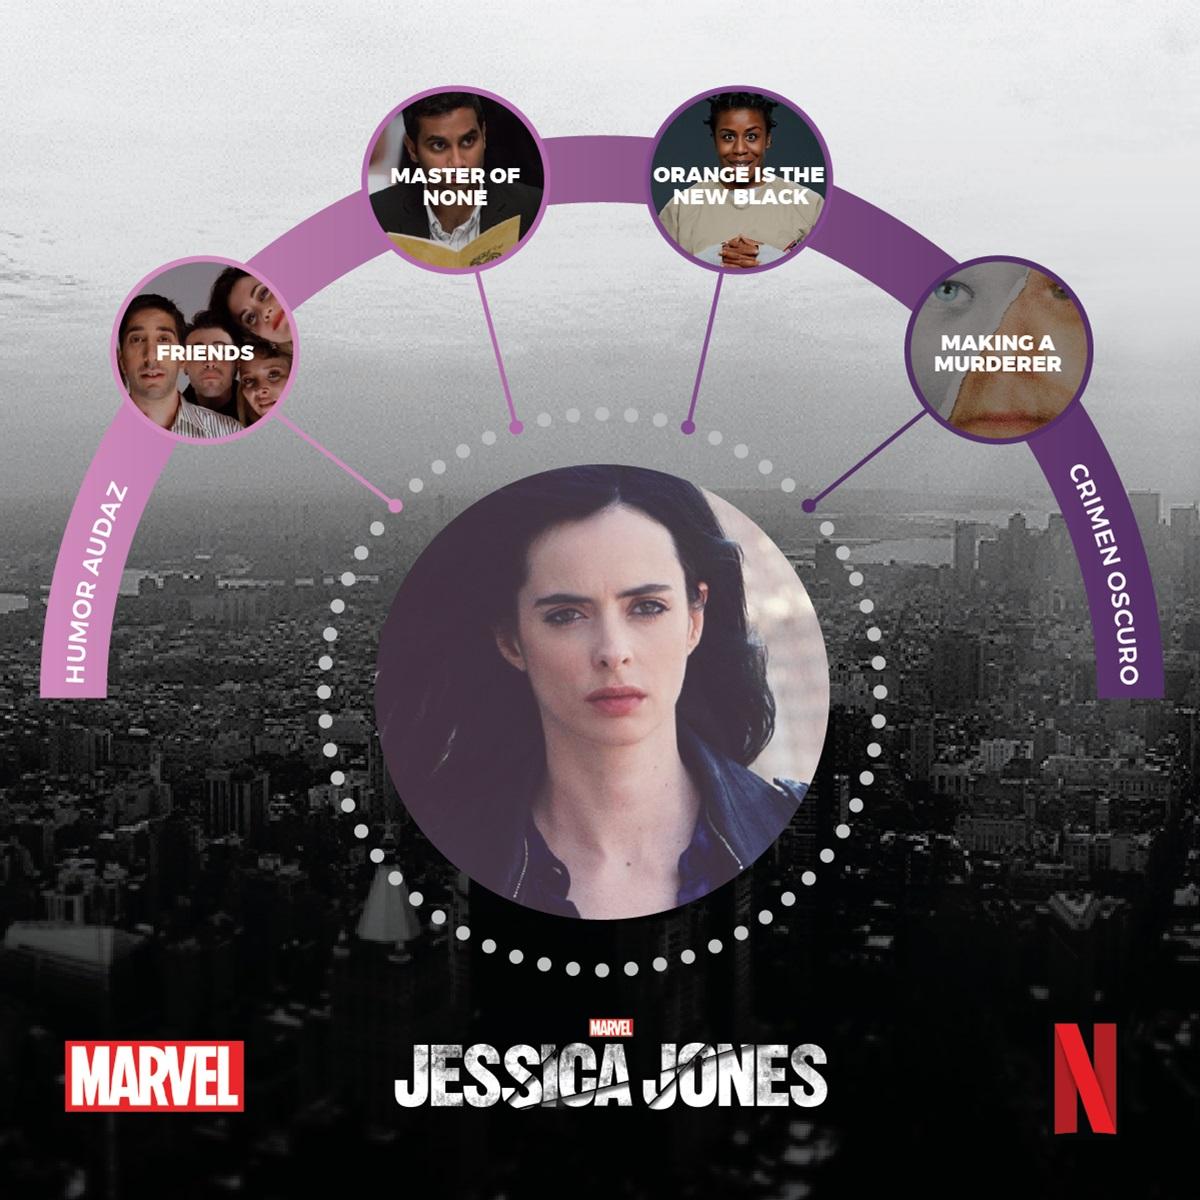 JessicaJones.jpg